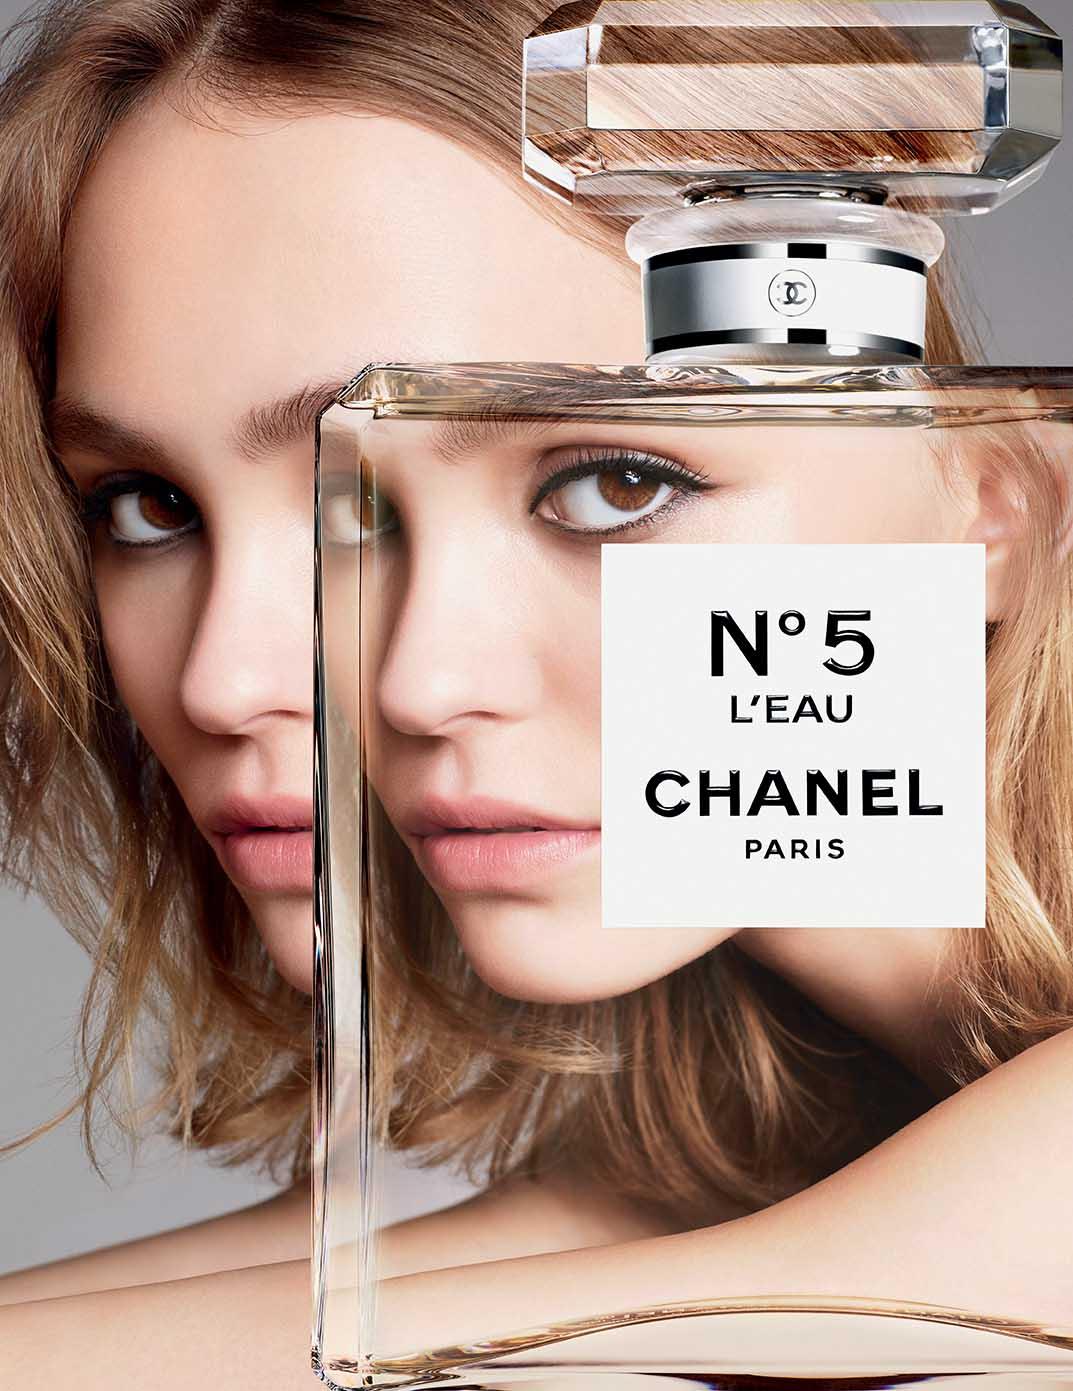 Chanel No 5 Leau Parfum Ein Es Fr Frauen 2016 Women Edp 100ml Bilder